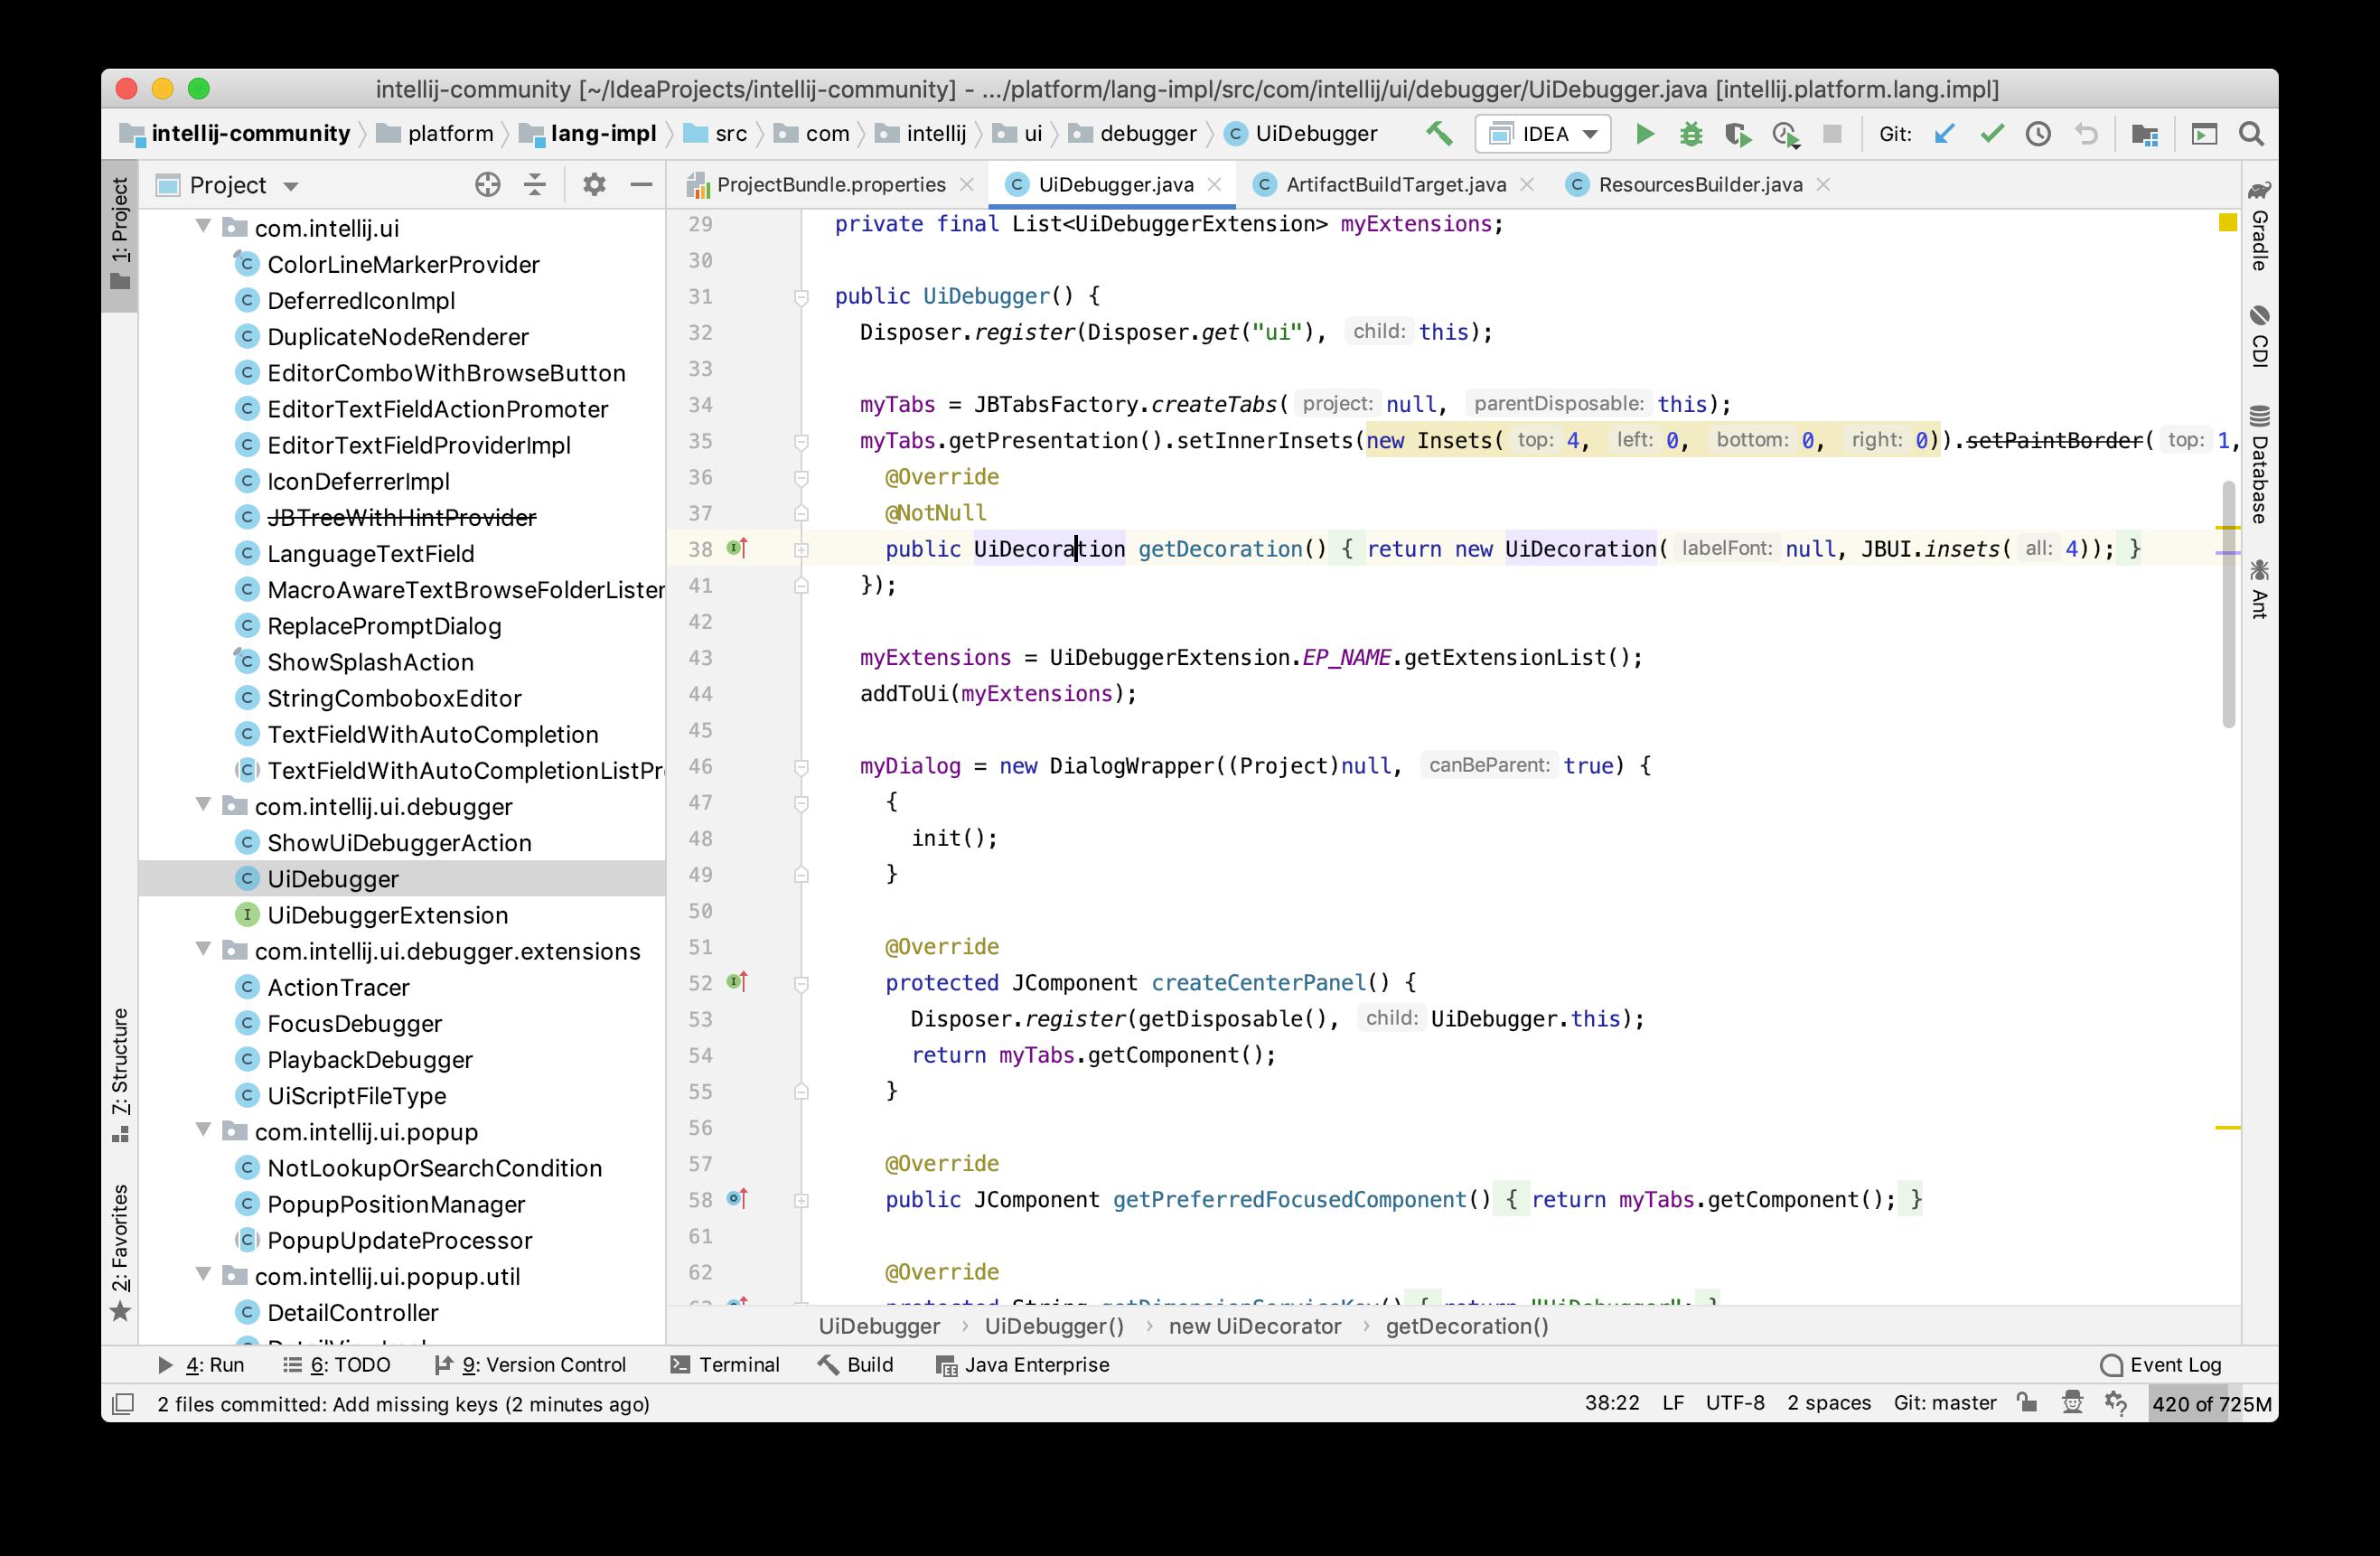 Главный экран IntelliJ IDEA: слева все файлы проекта, справа код